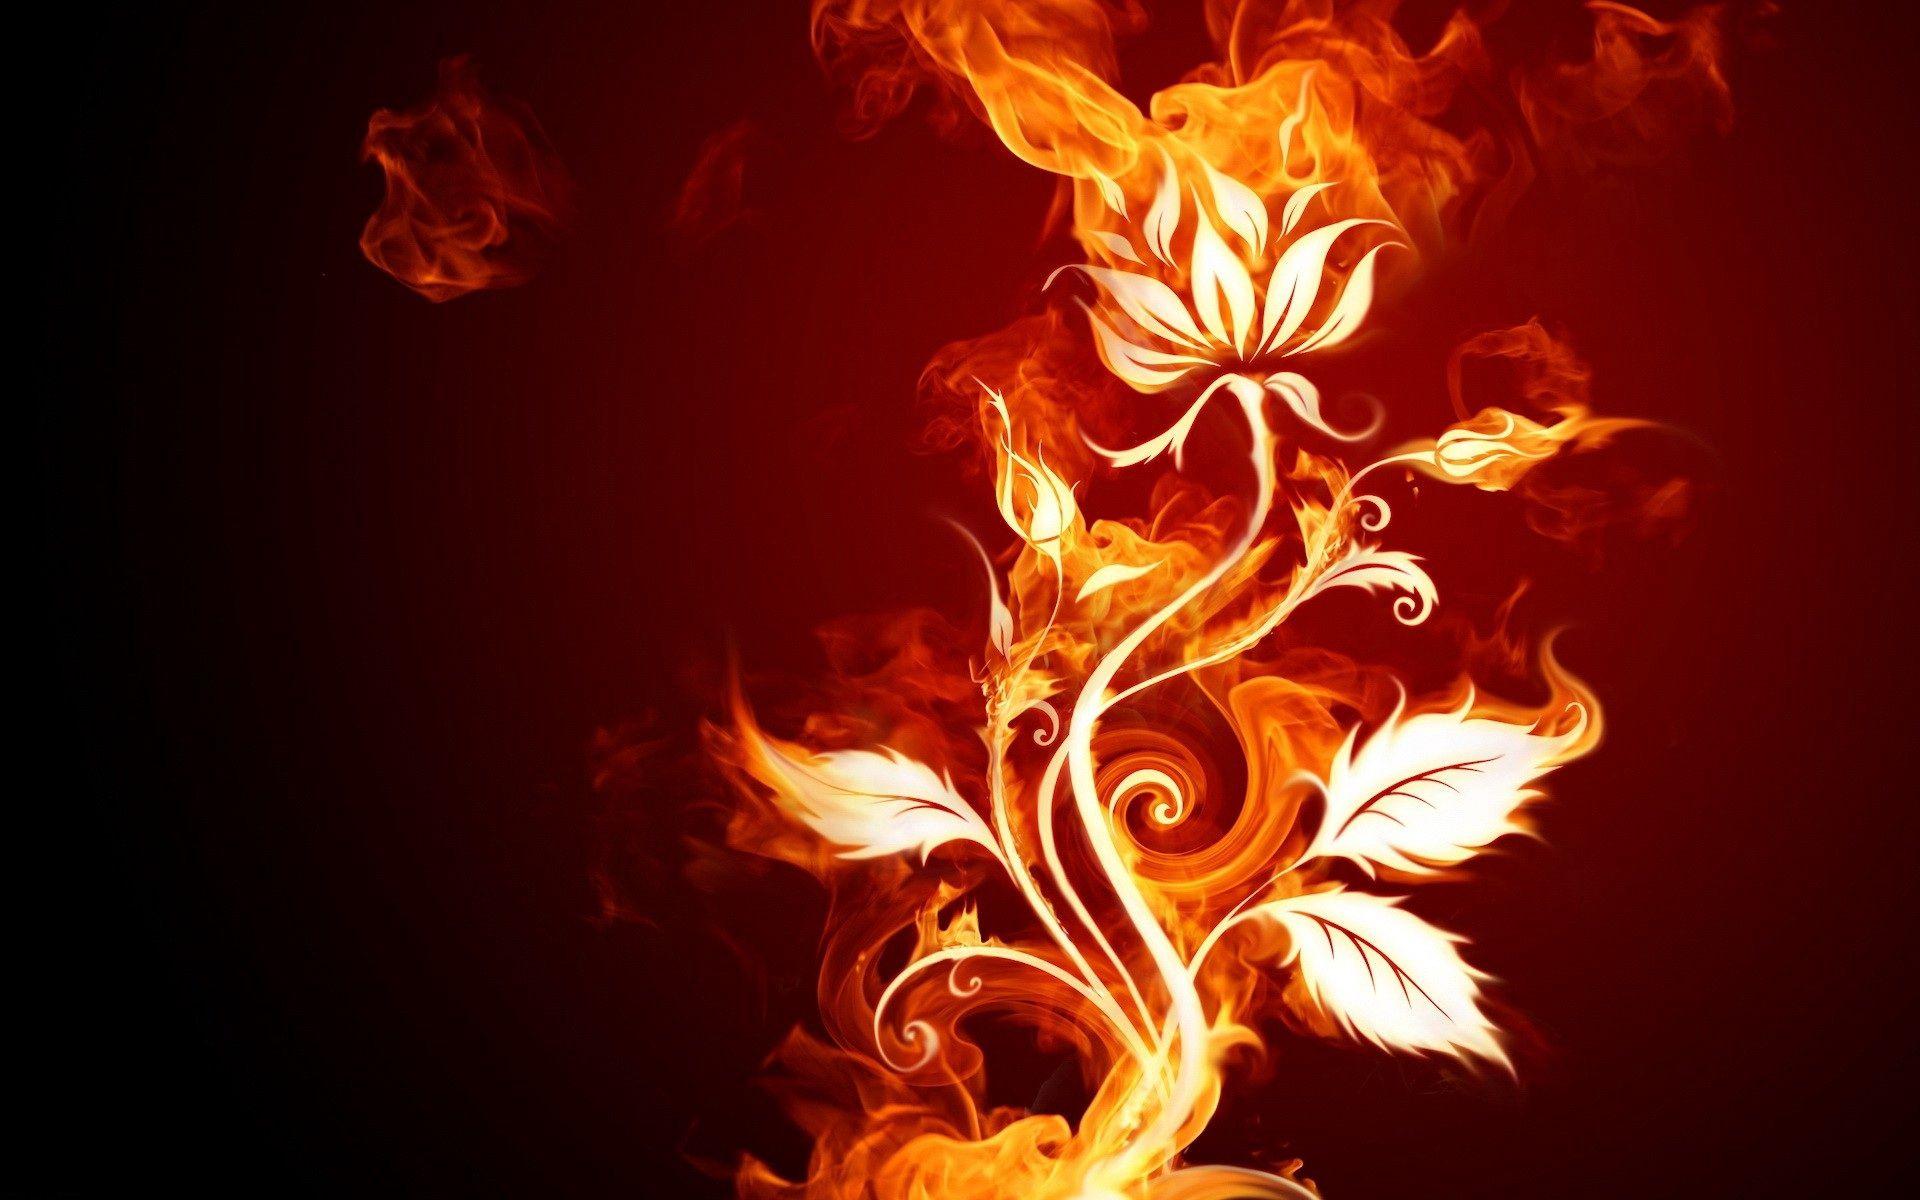 78601 скачать обои Узоры, Огонь, Абстракция, Фон, Пламя, Роза - заставки и картинки бесплатно